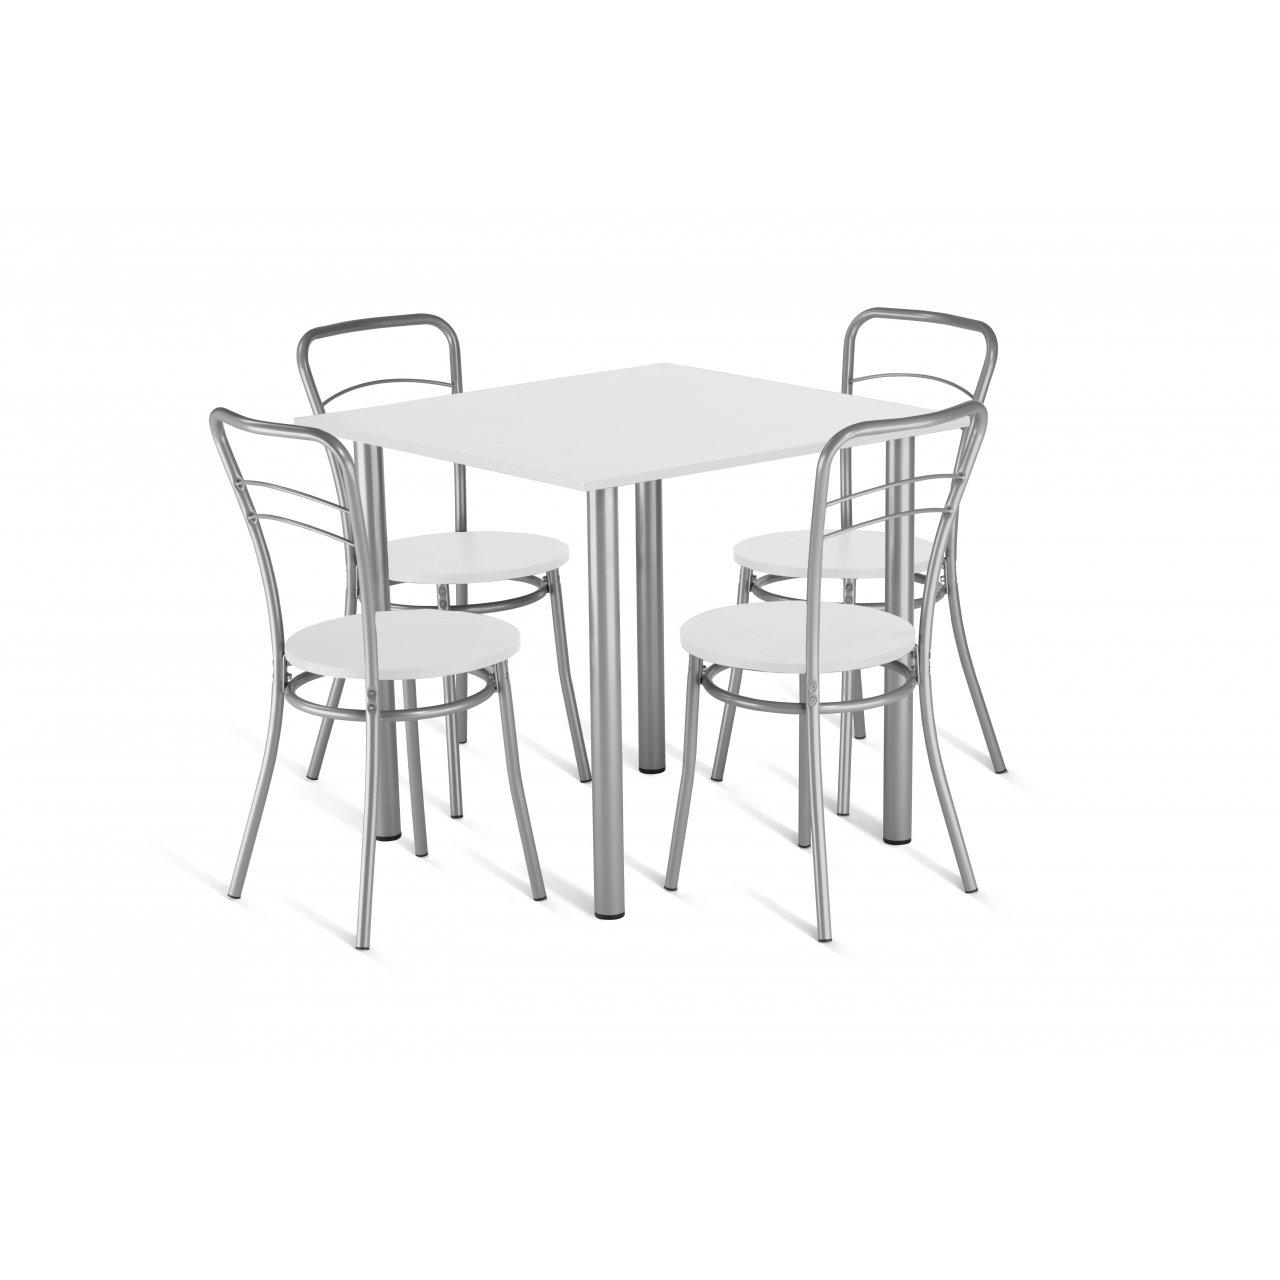 Zestaw Mebli Kuchennych Stol 4 Krzesla 80x80 Cm Bialy W Sklepmrowka Pl